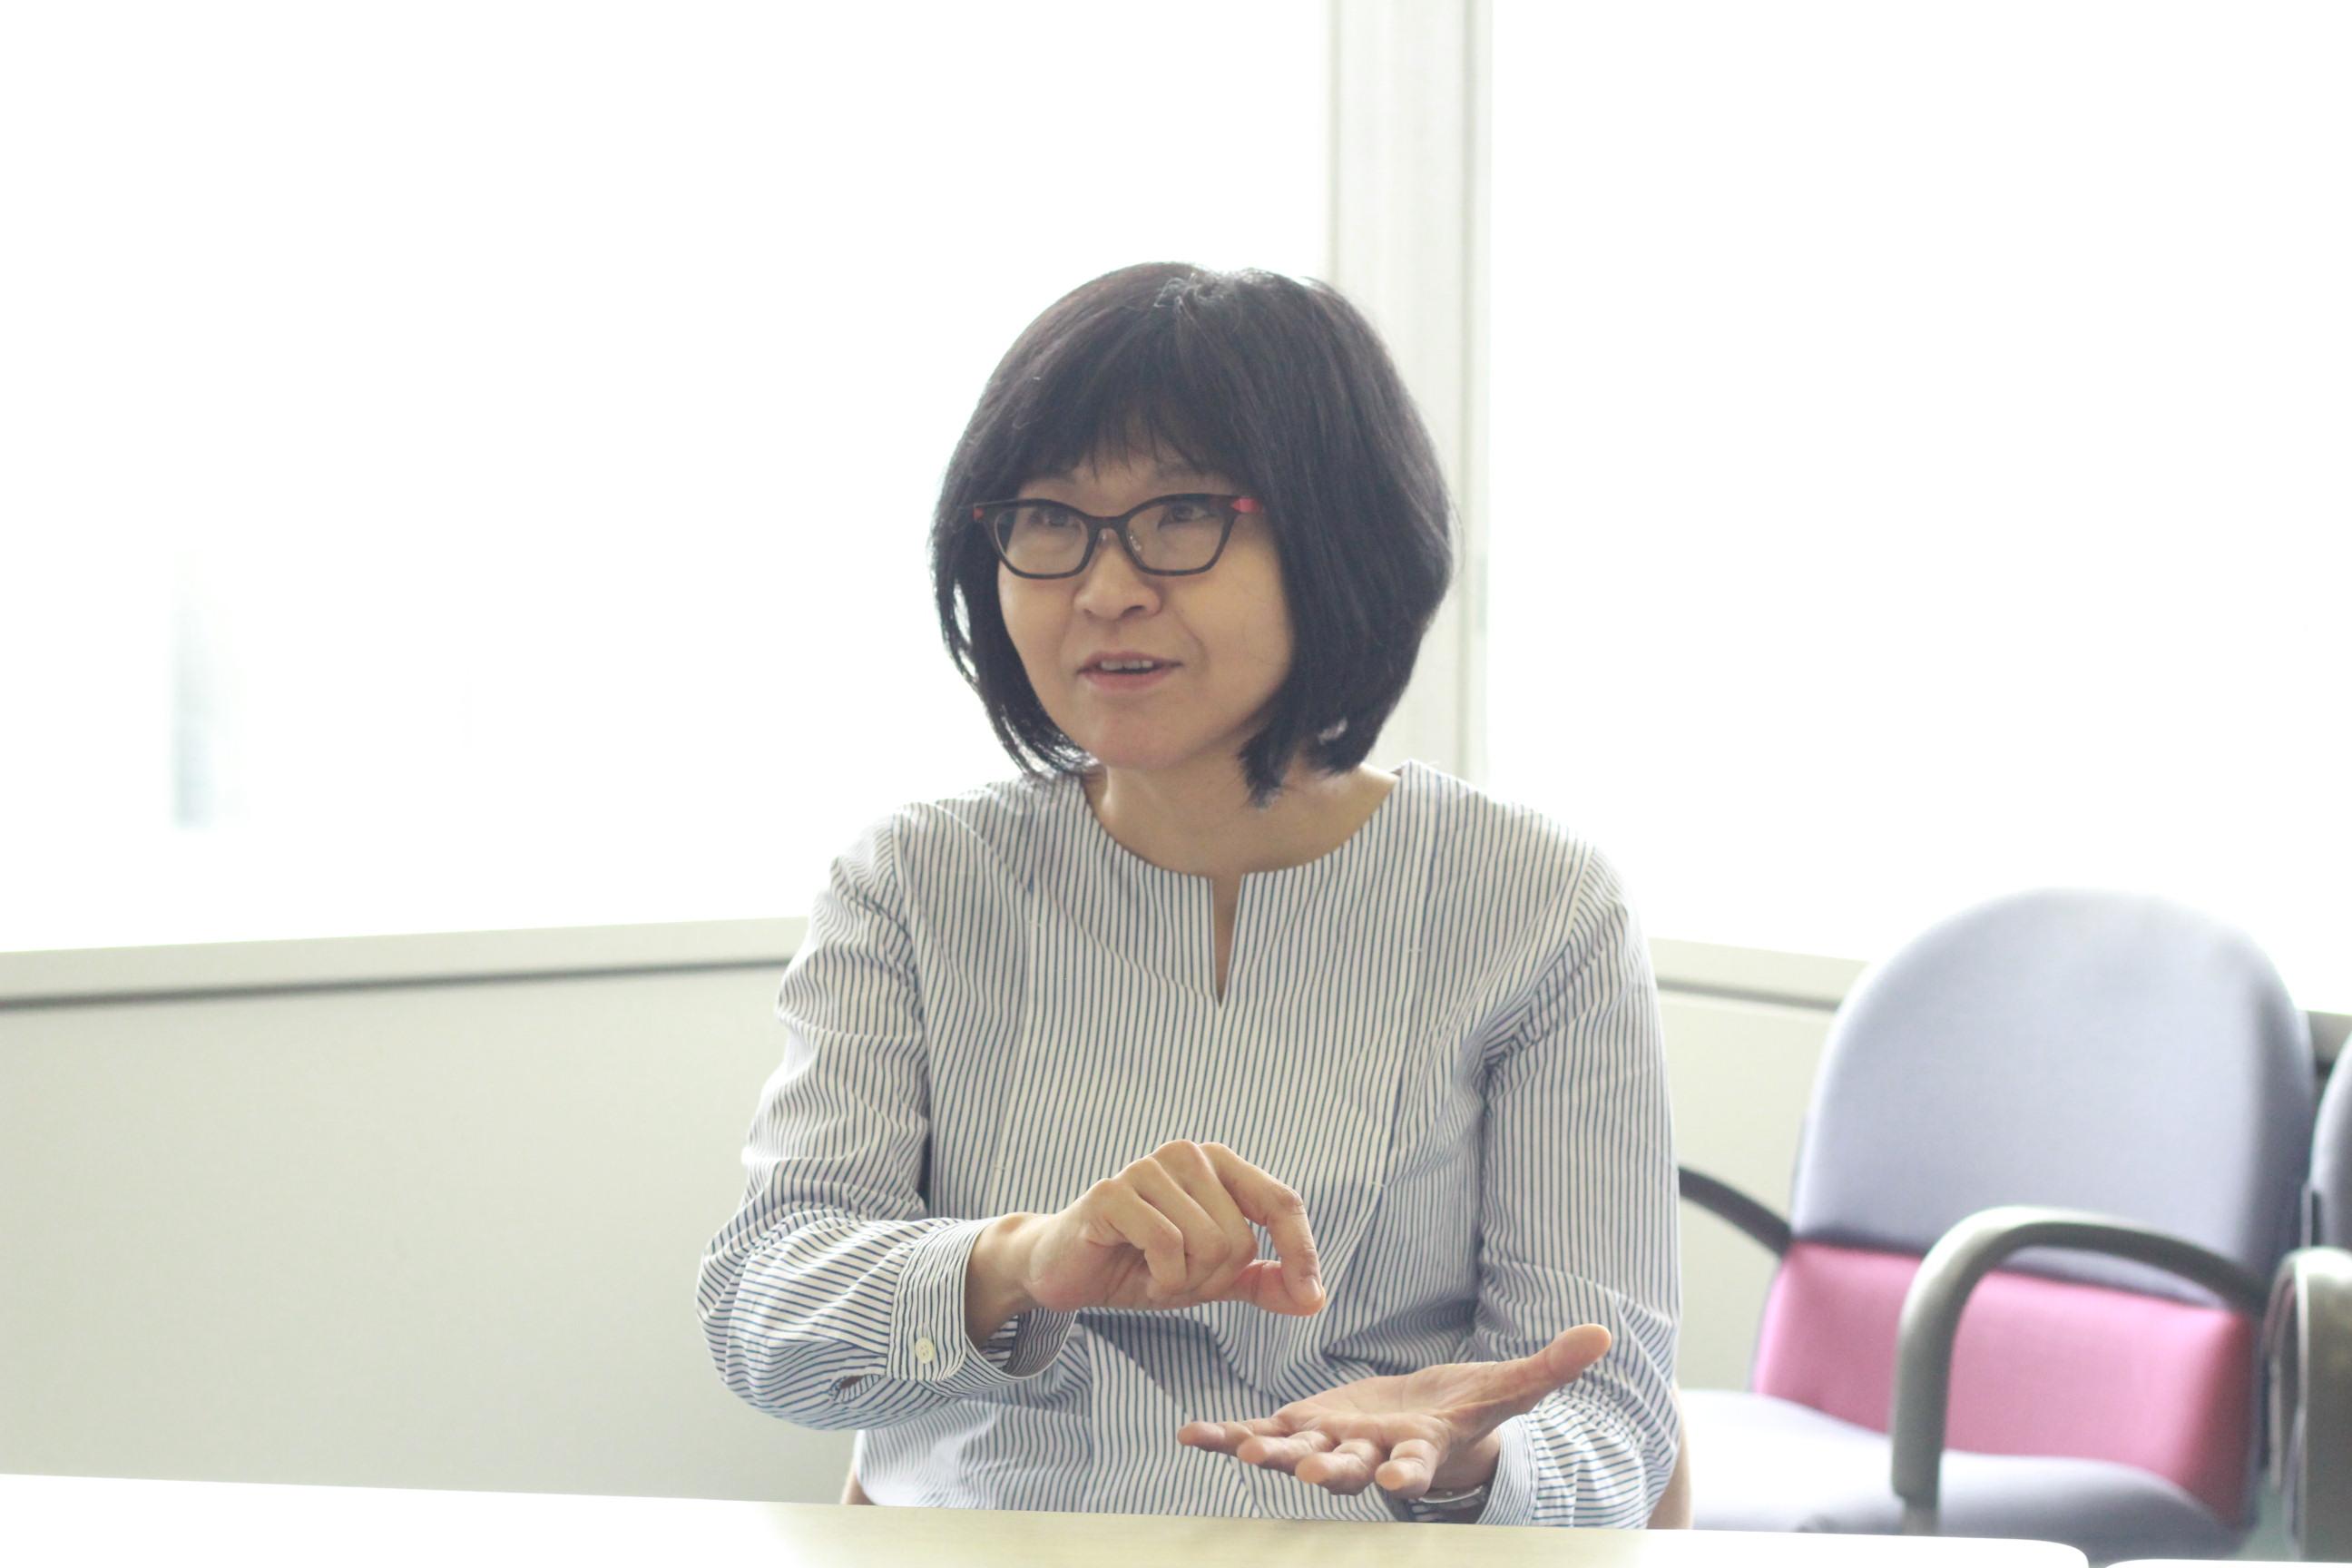 高齢者居住福祉研究者 絹川麻理さんーイノベーション・キュレーター塾生インタビュー